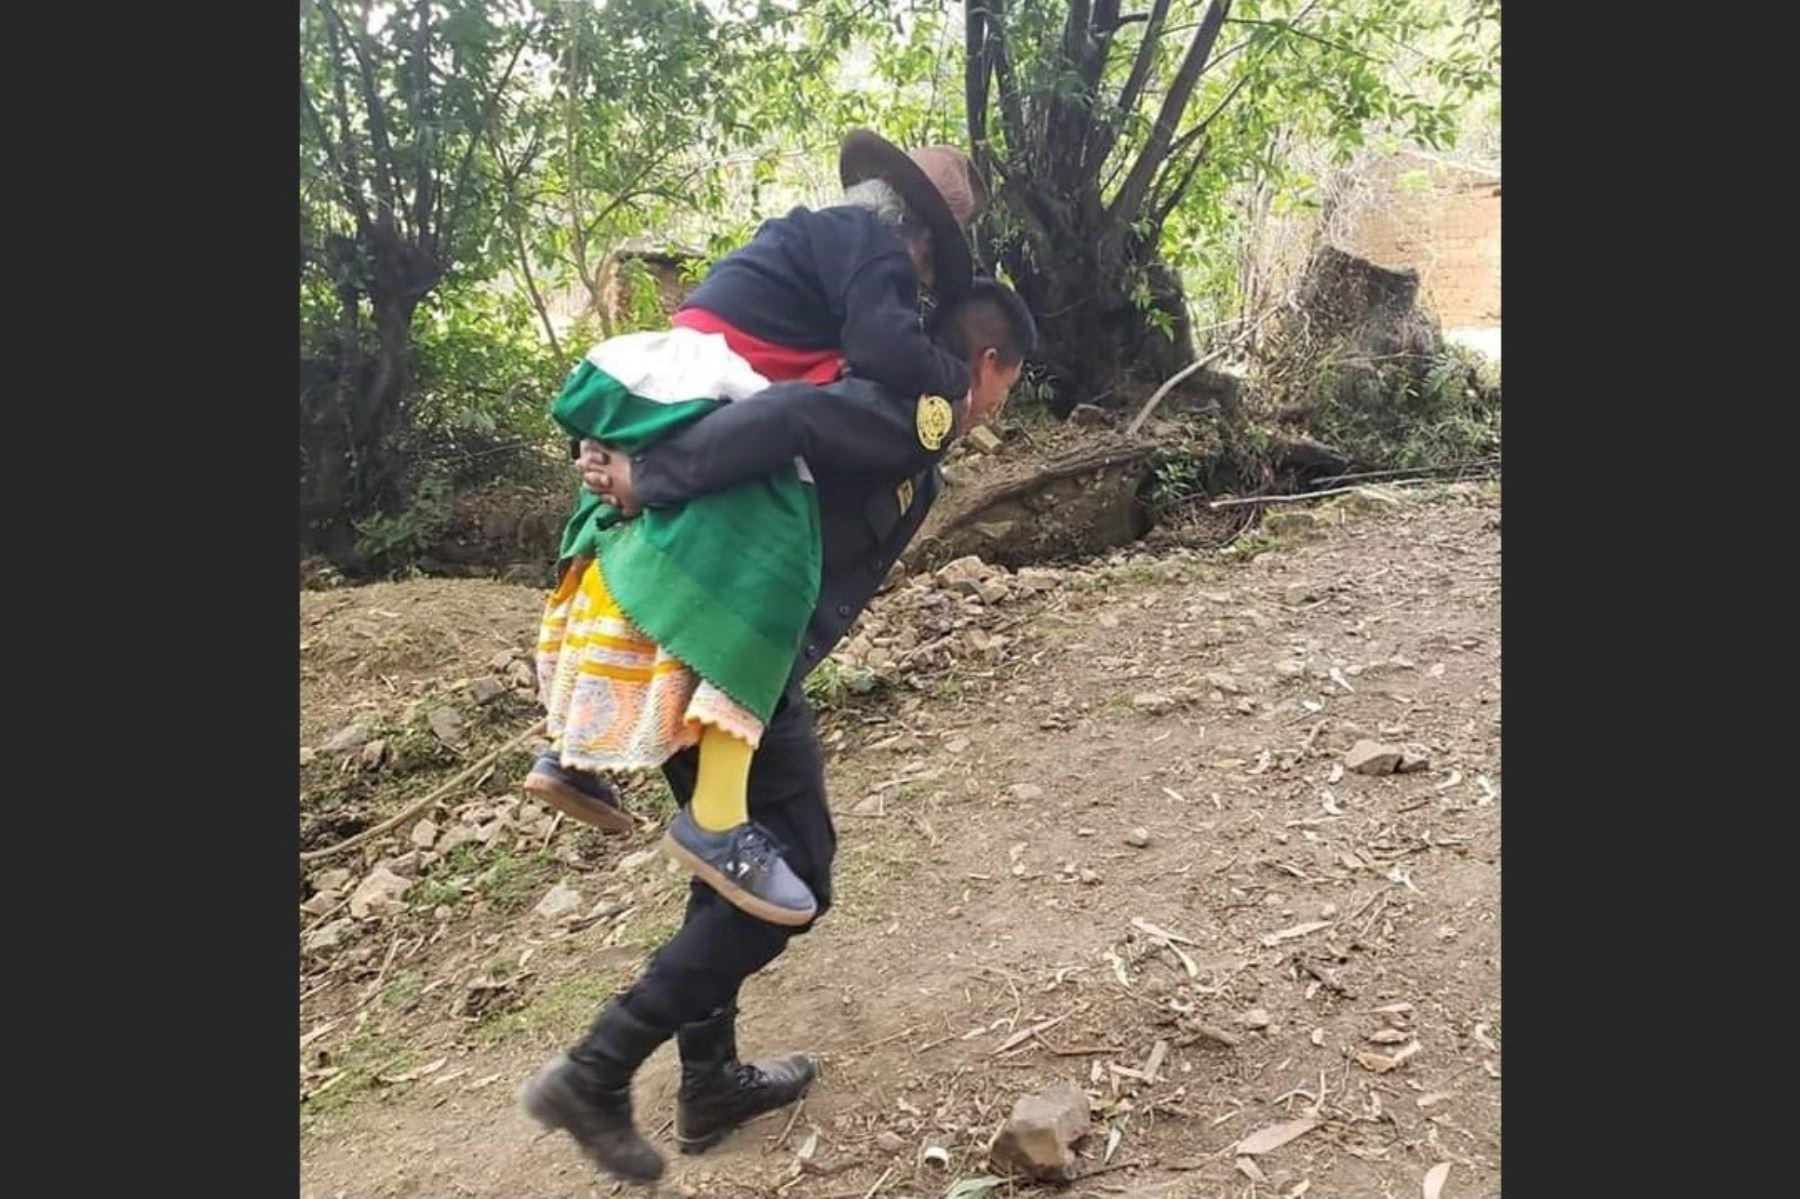 Dos policías cargaron a una anciana enferma para que reciba atención médica en Huaraz, Áncash.